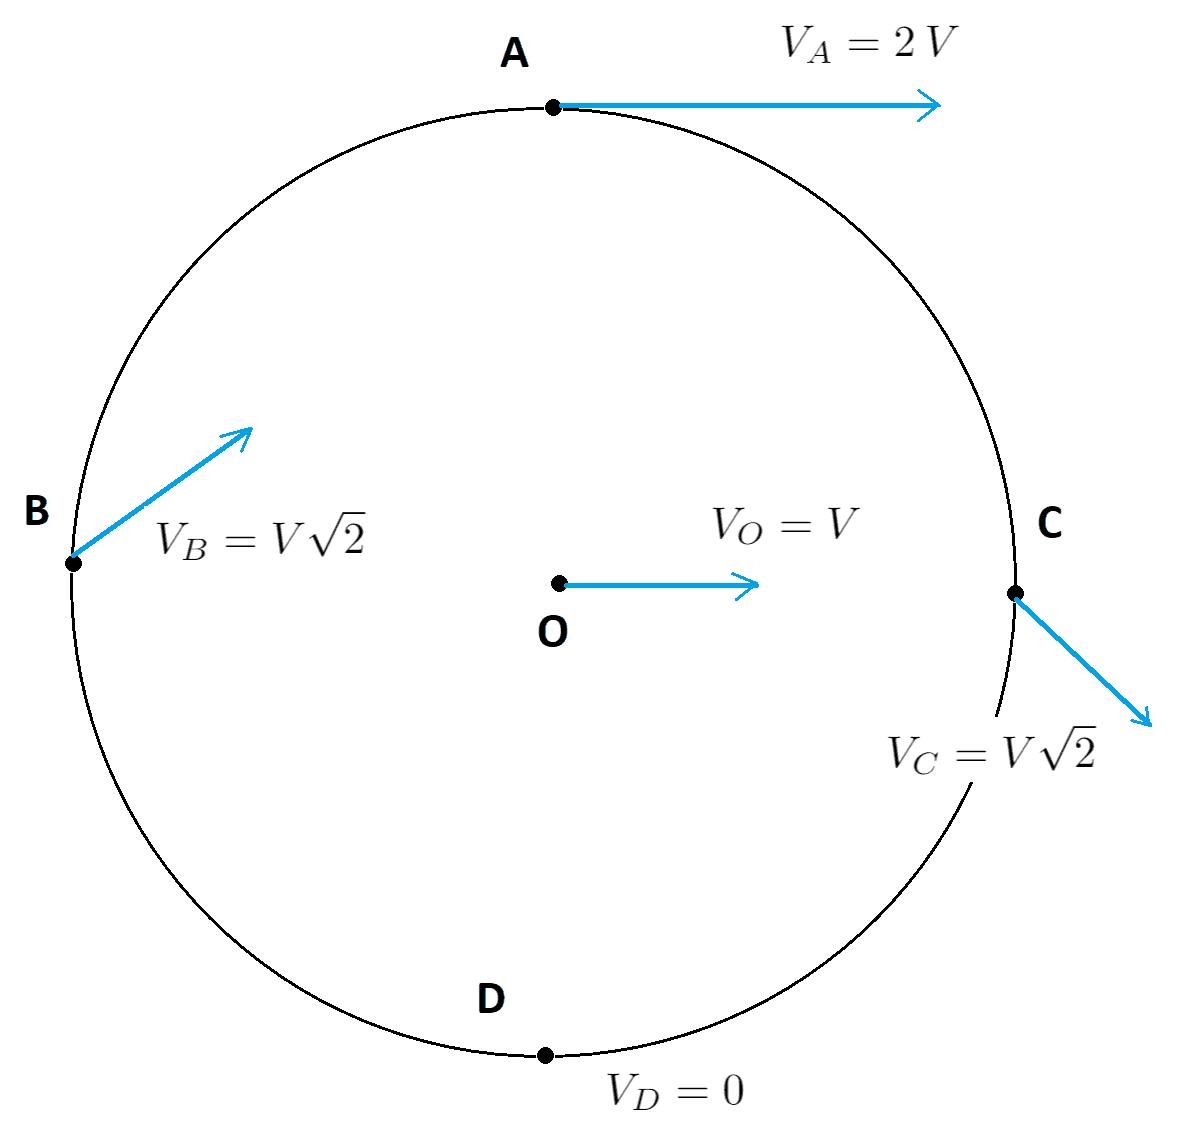 Ao marcar um ponto fixo de uma roda, e acompanhar sua trajetória ao se mover, ele determinará uma curva conhecida como ciclóide.